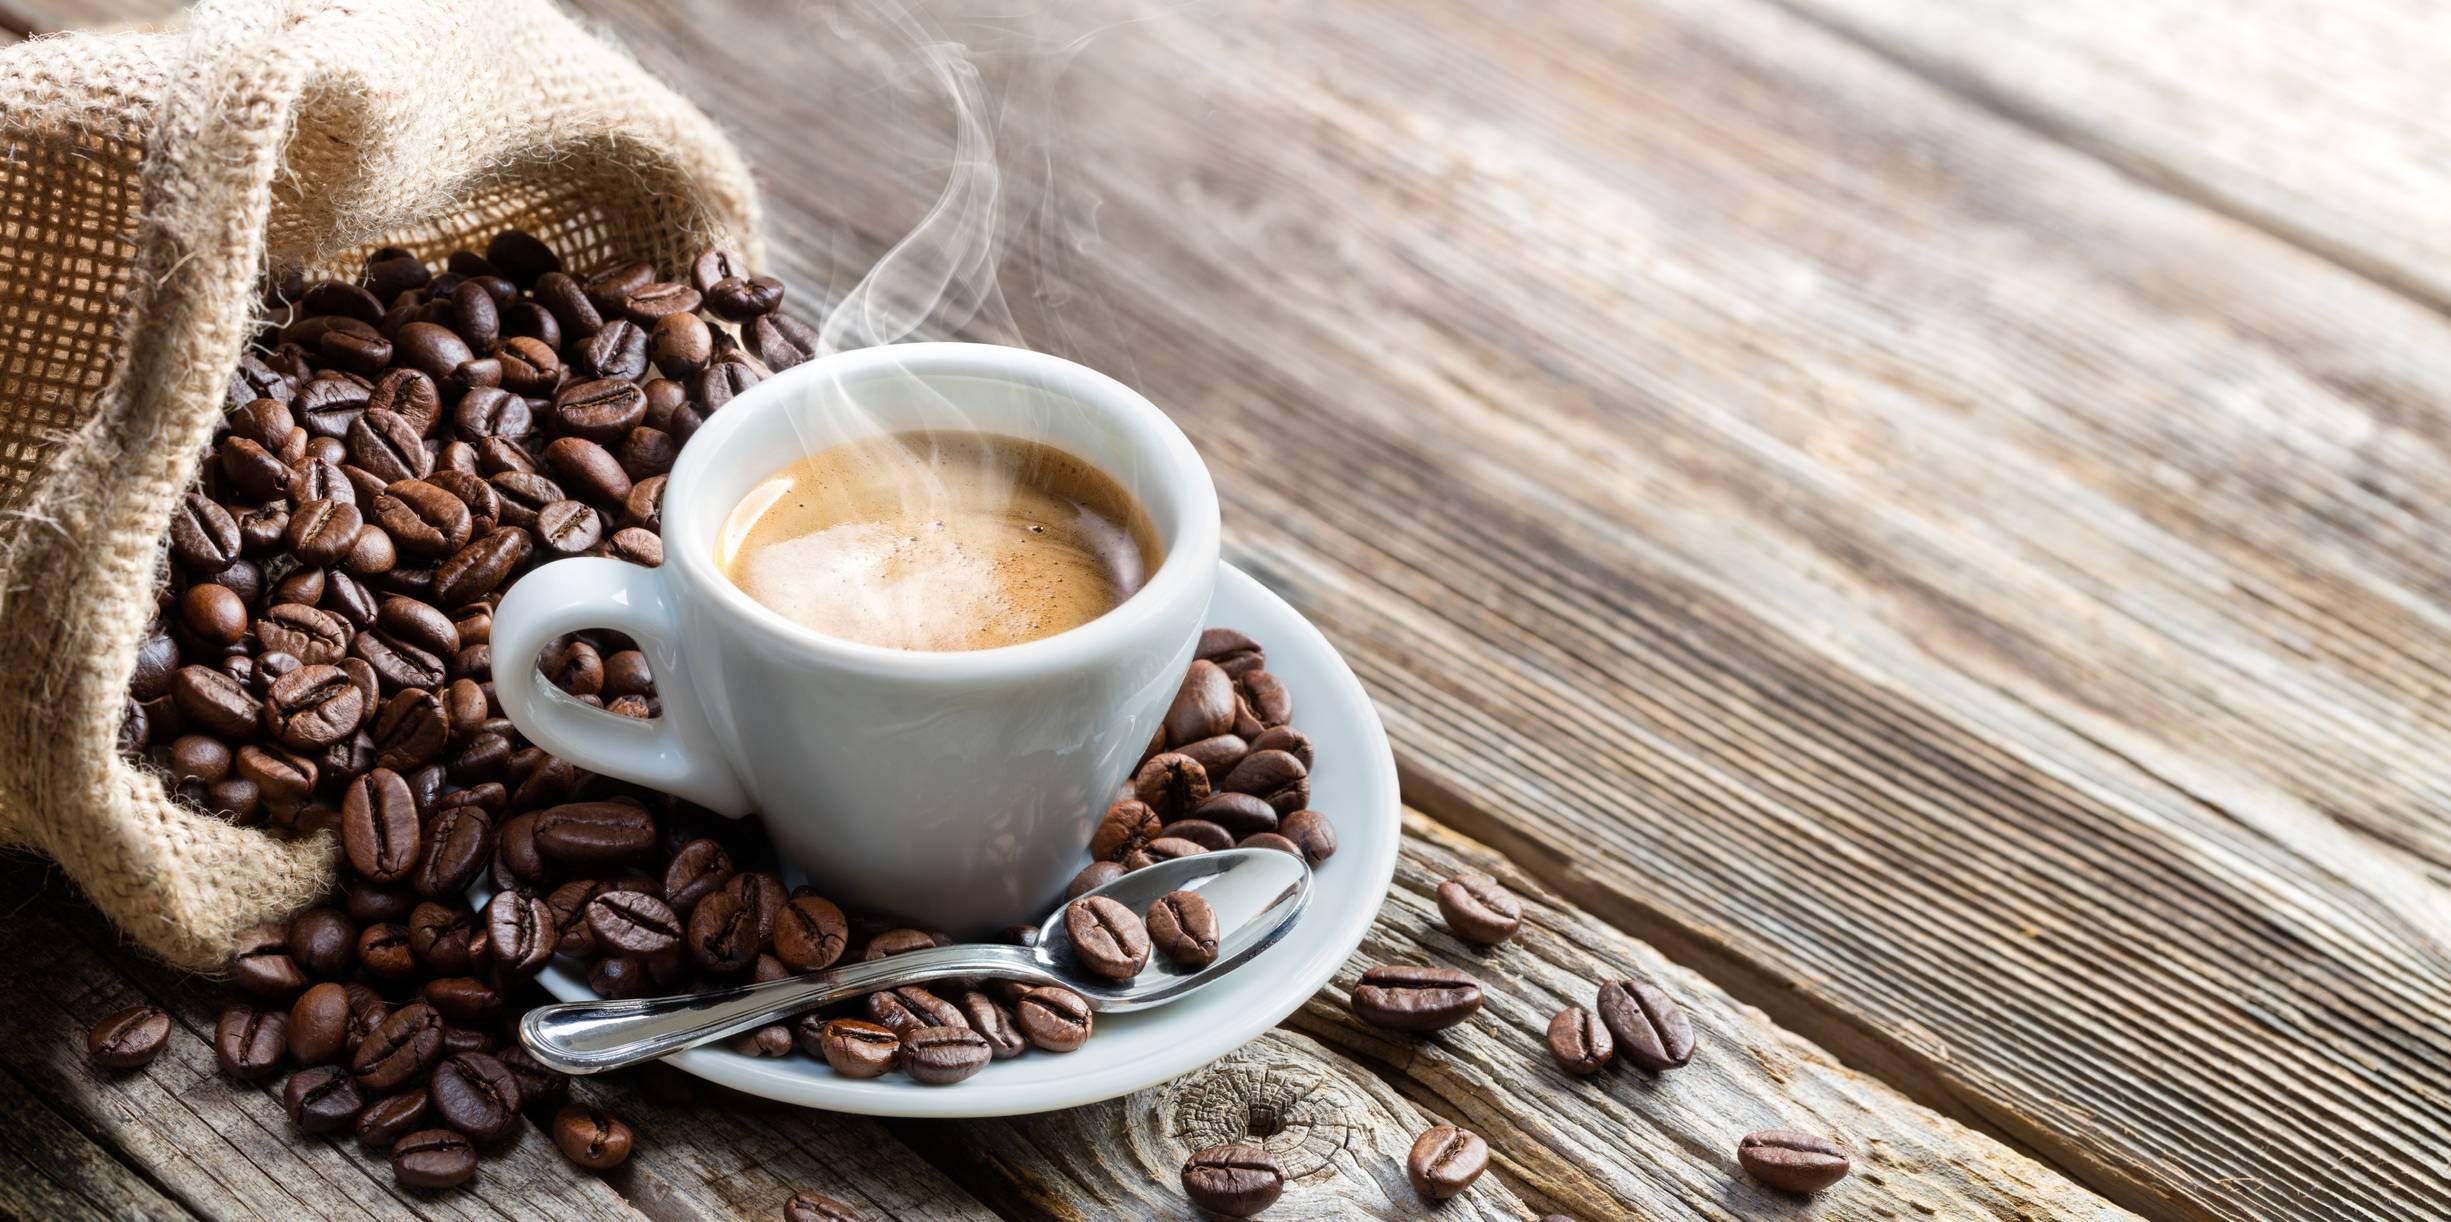 benefici del caffè per perdere peso